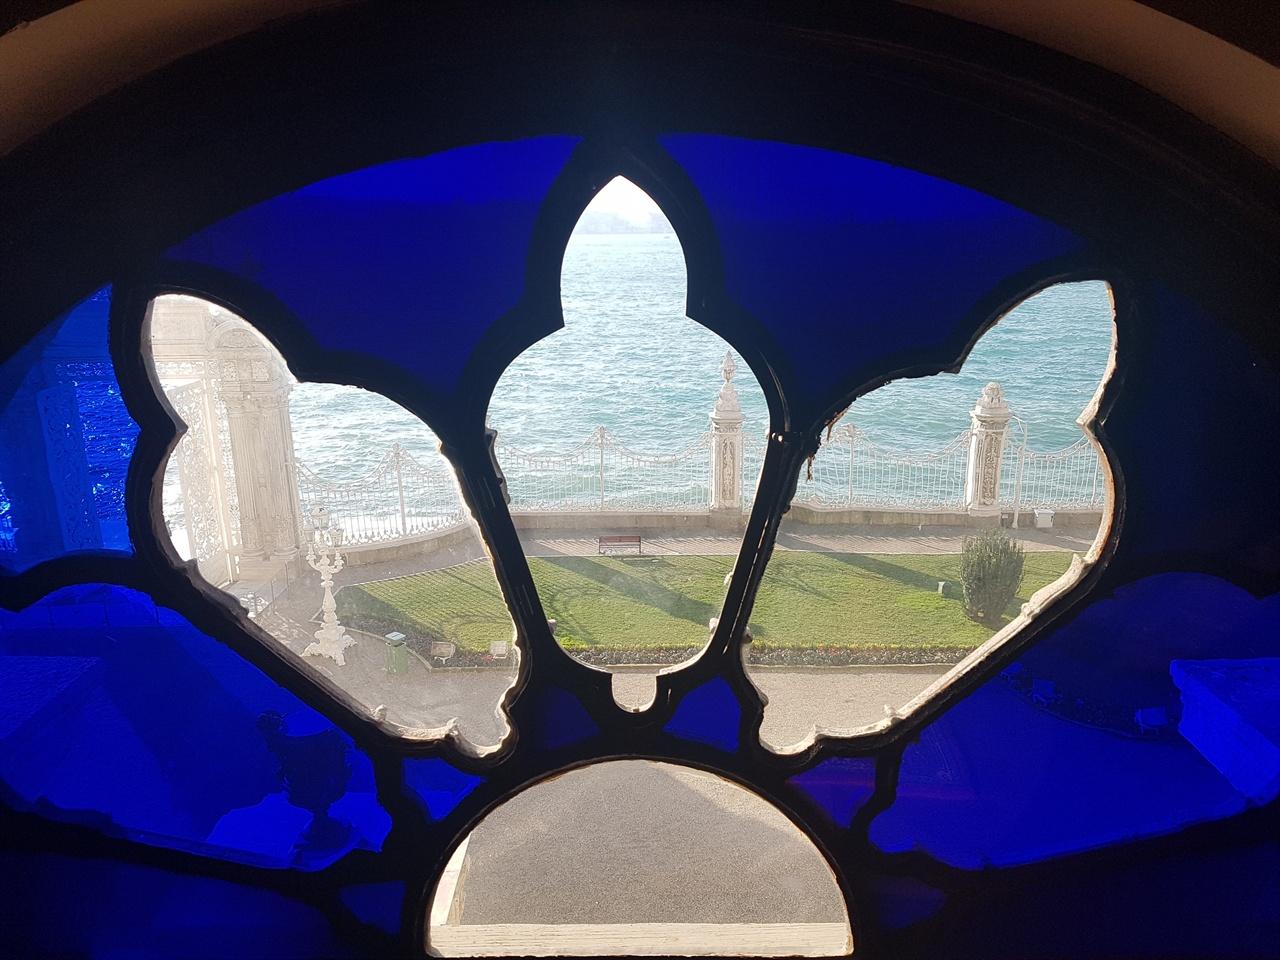 궁전 안에서 보는 보스포루스 해협은 참 아름답게 펼쳐졌습니다.